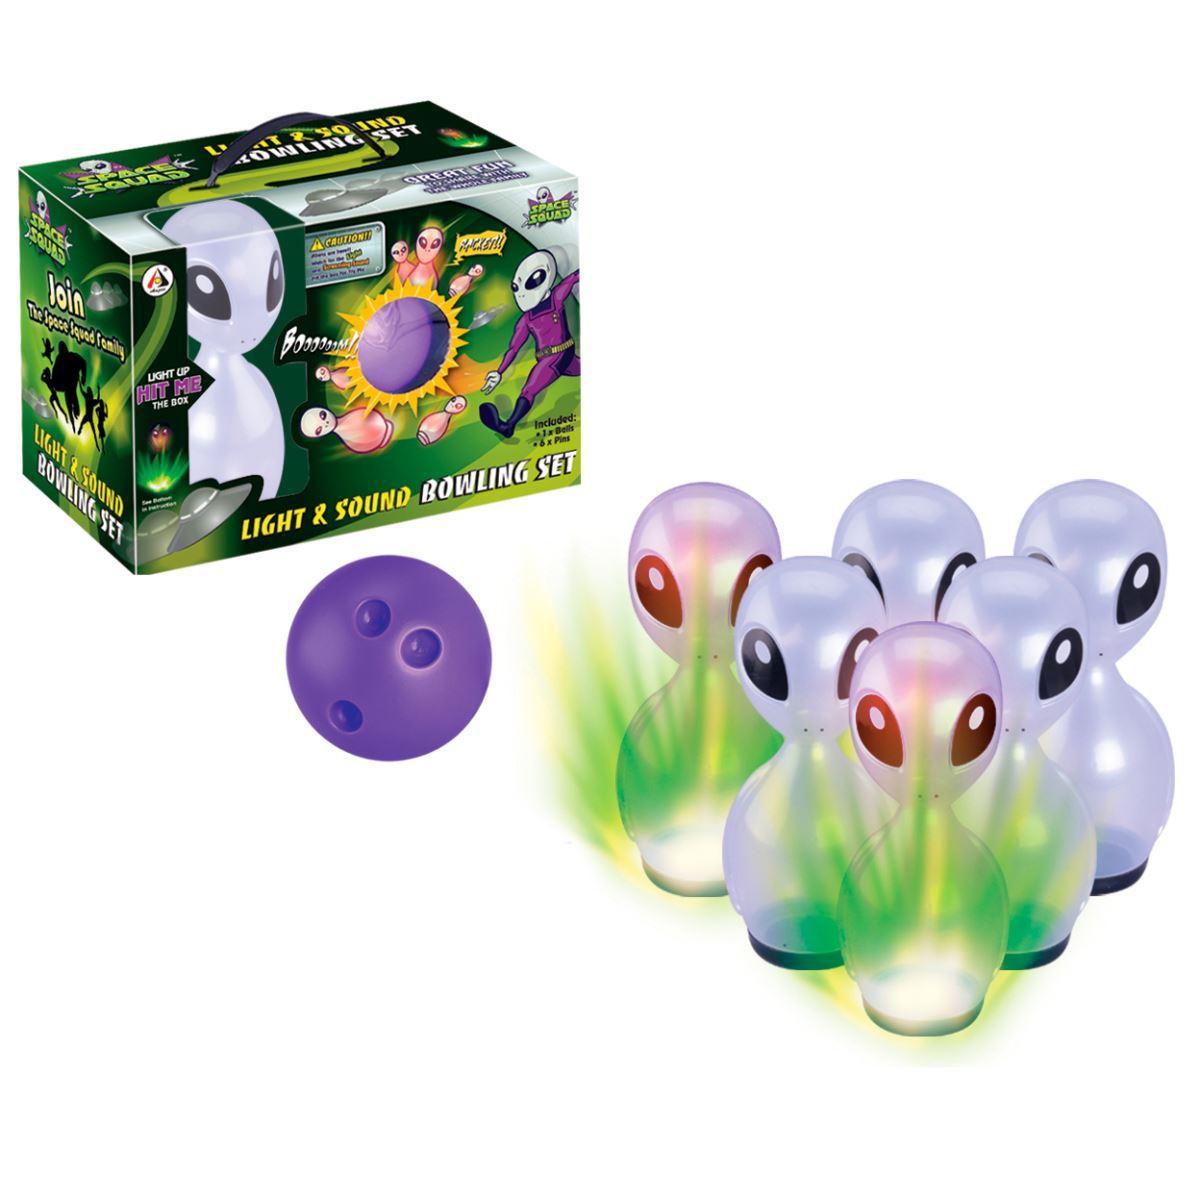 Игровой набор Space Squad AJ003AS игра набор для боулинга 6 кеглей и 1 шар в коробке 15 01842 8816d7